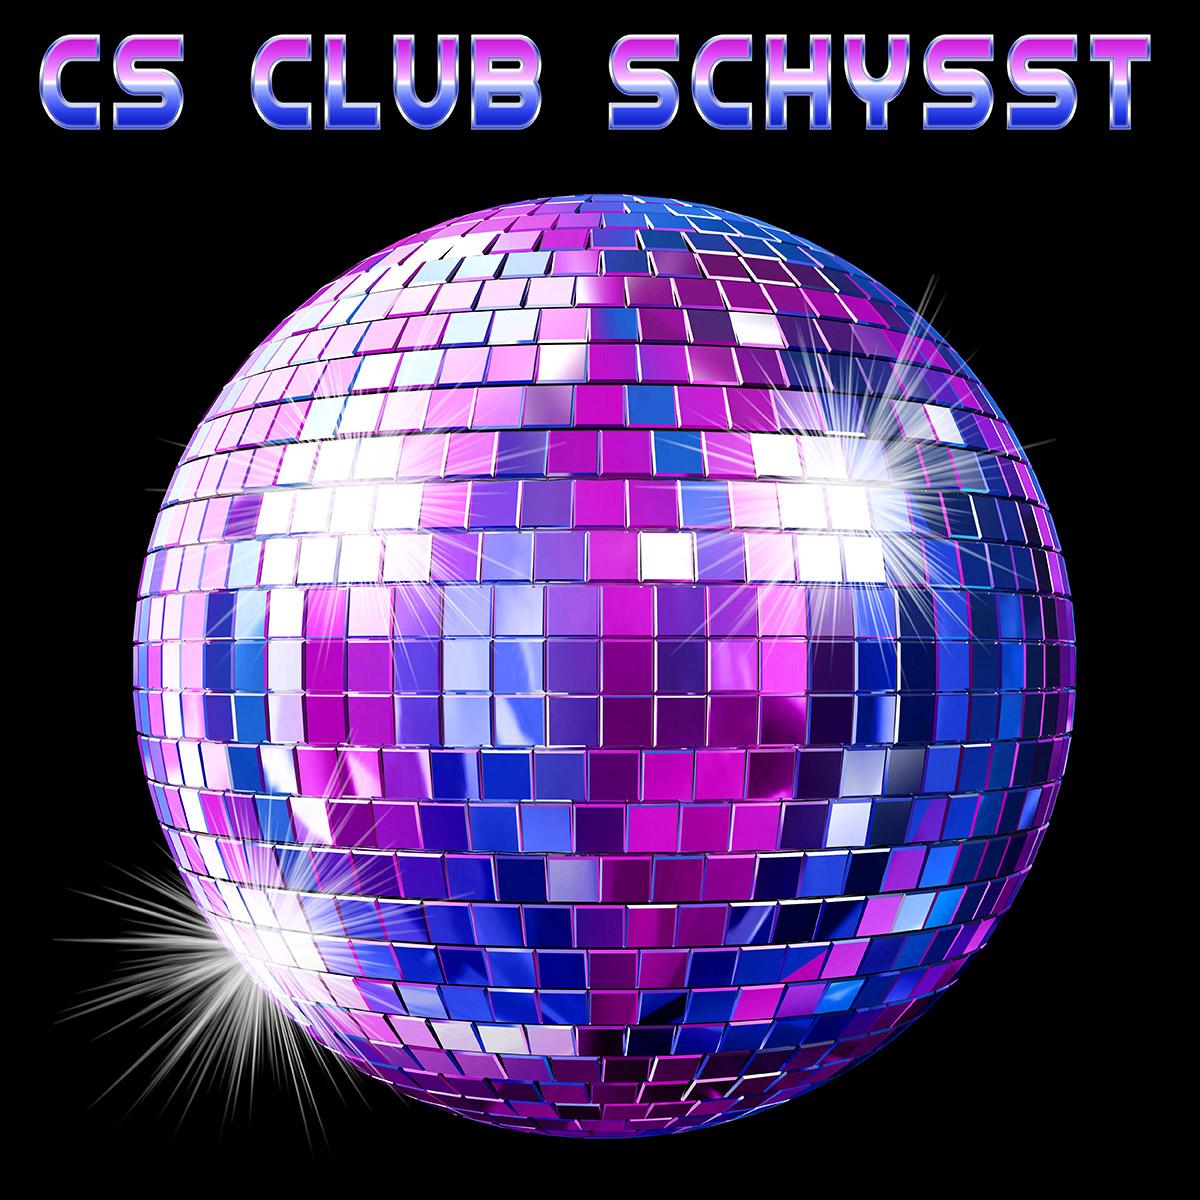 Registrerat varumärke gällande CS CLUB SCHYSST